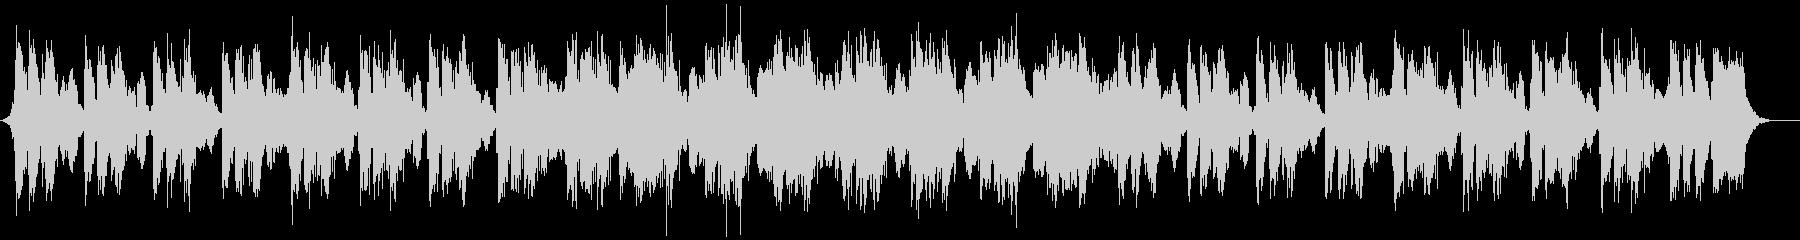 緊張感のあるEpicオーケストラ/速めの未再生の波形